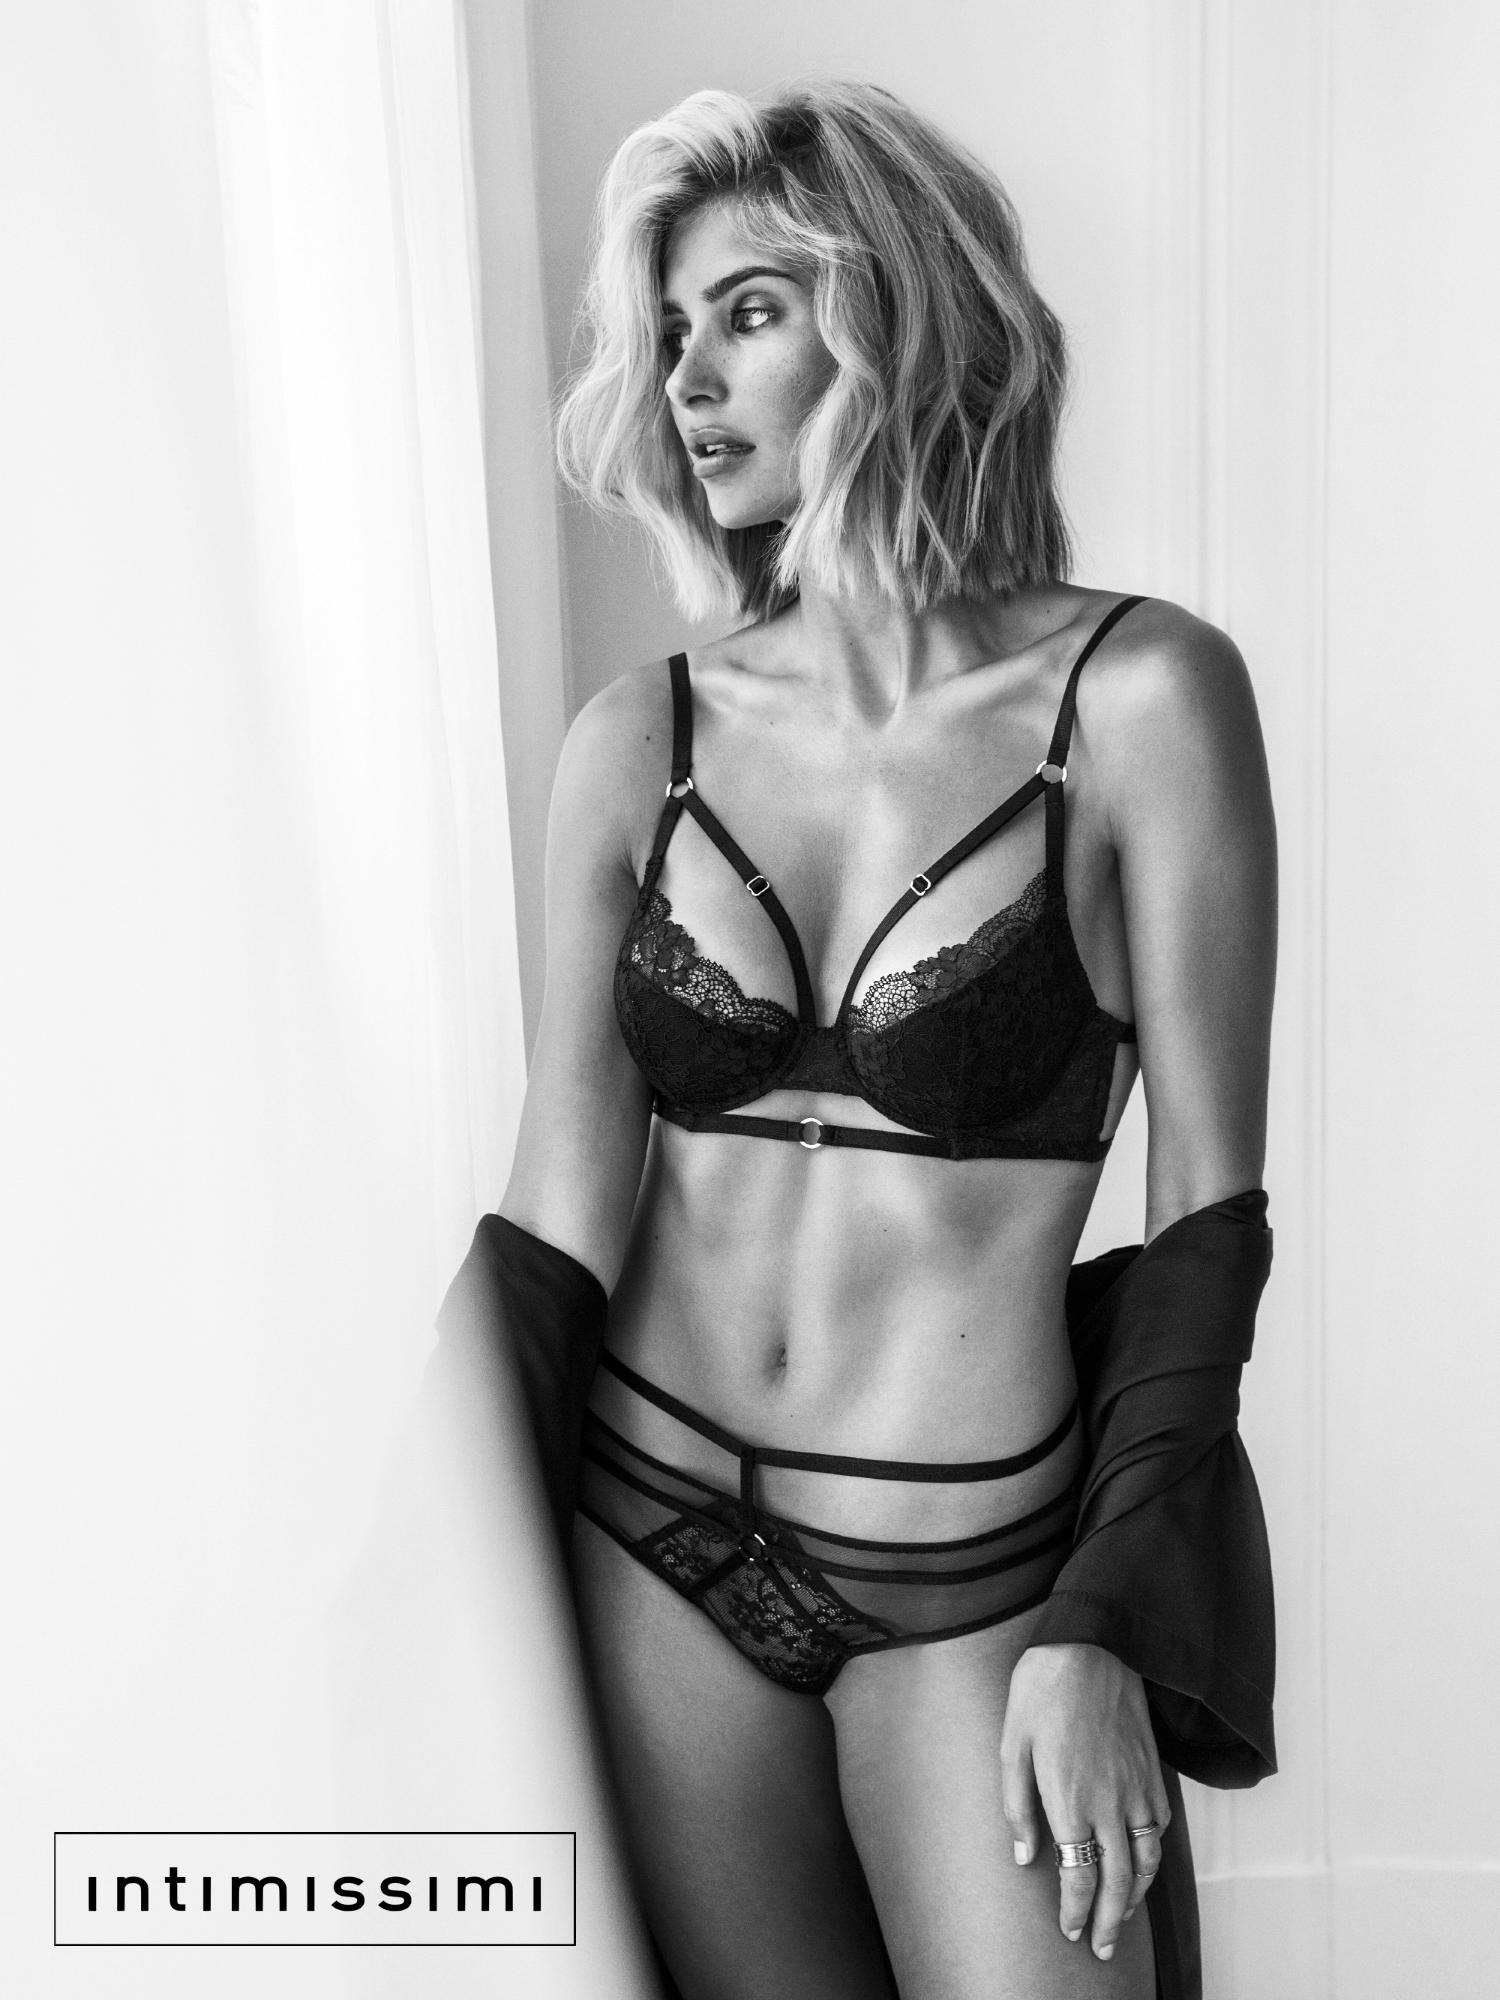 Bikini Xenia Adonts nude (71 photo), Sexy, Bikini, Twitter, in bikini 2018